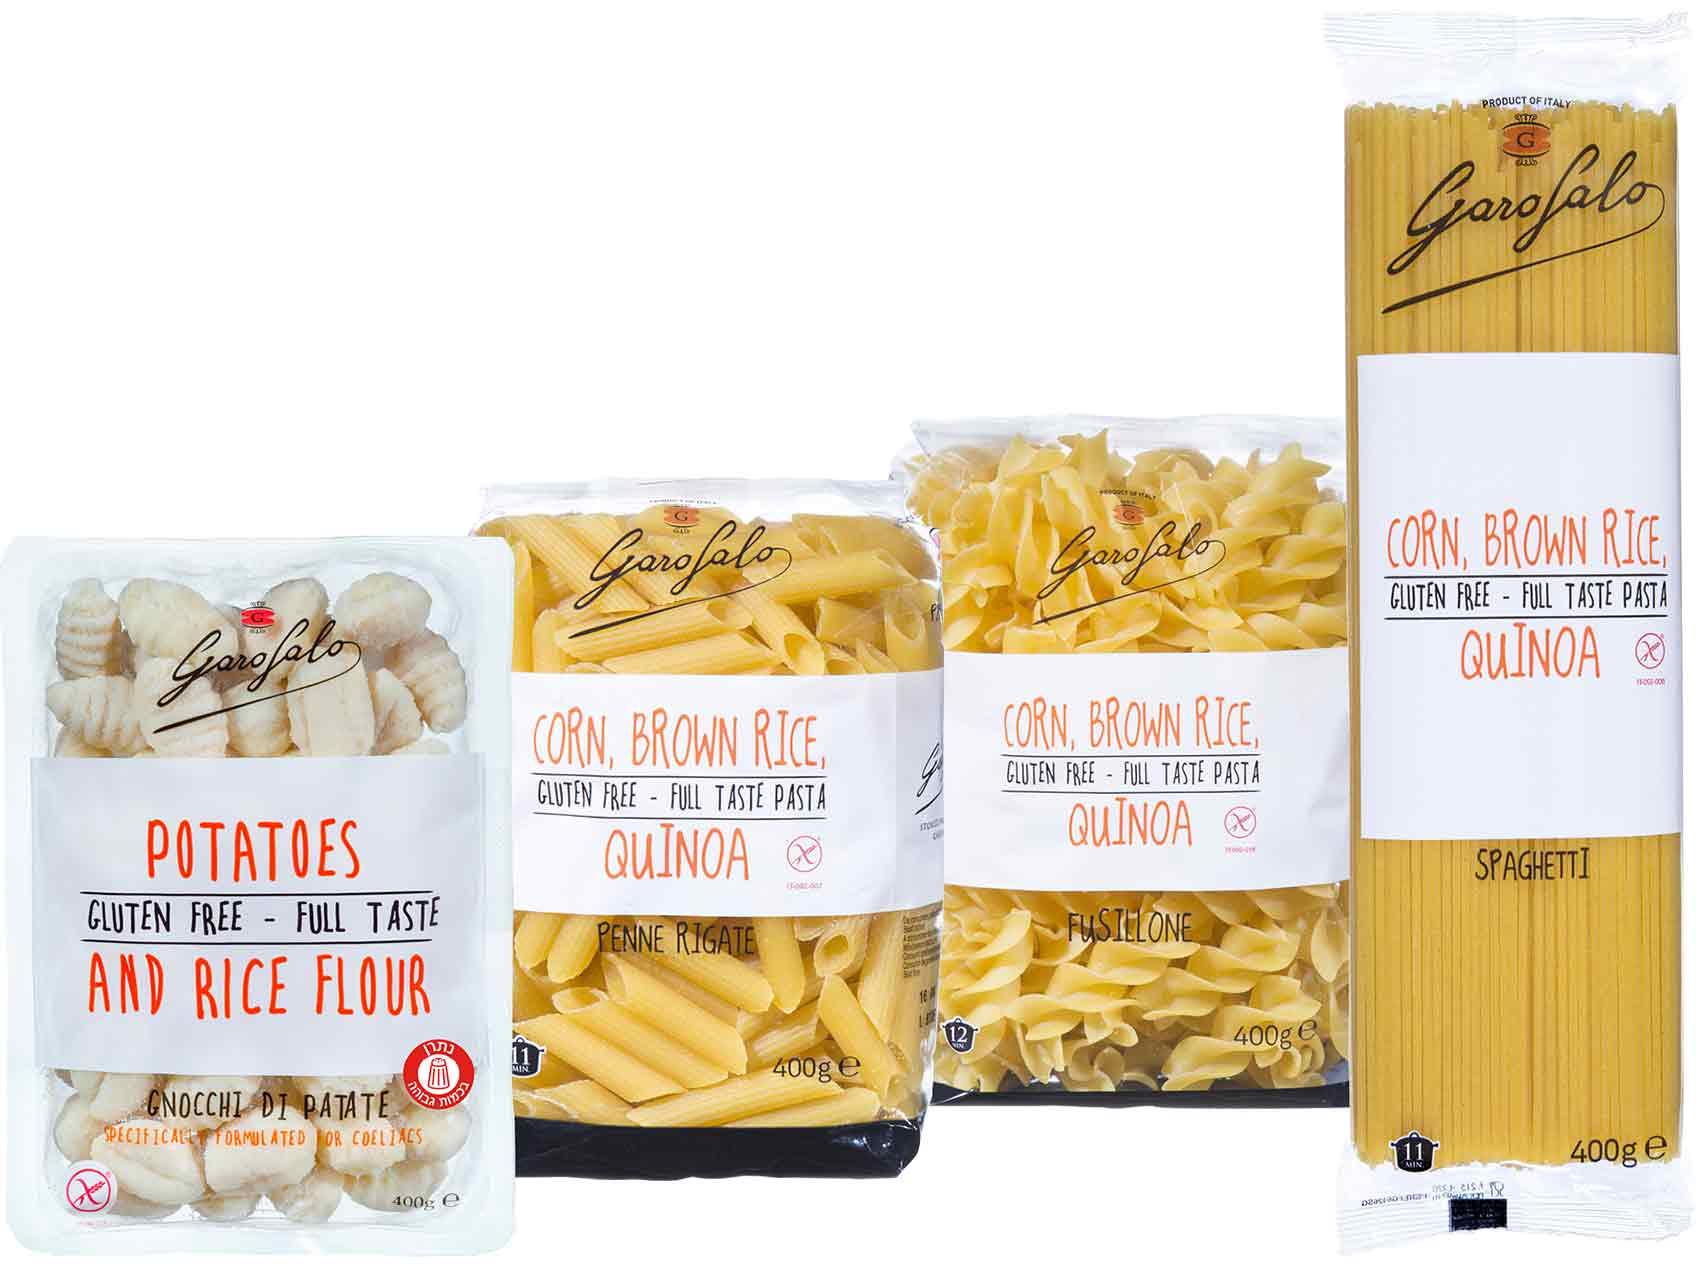 אוכל-חברת-ישרקו-משיקה-לראשונה-פסטה--ללא-גלוטן-צילום-יחצ